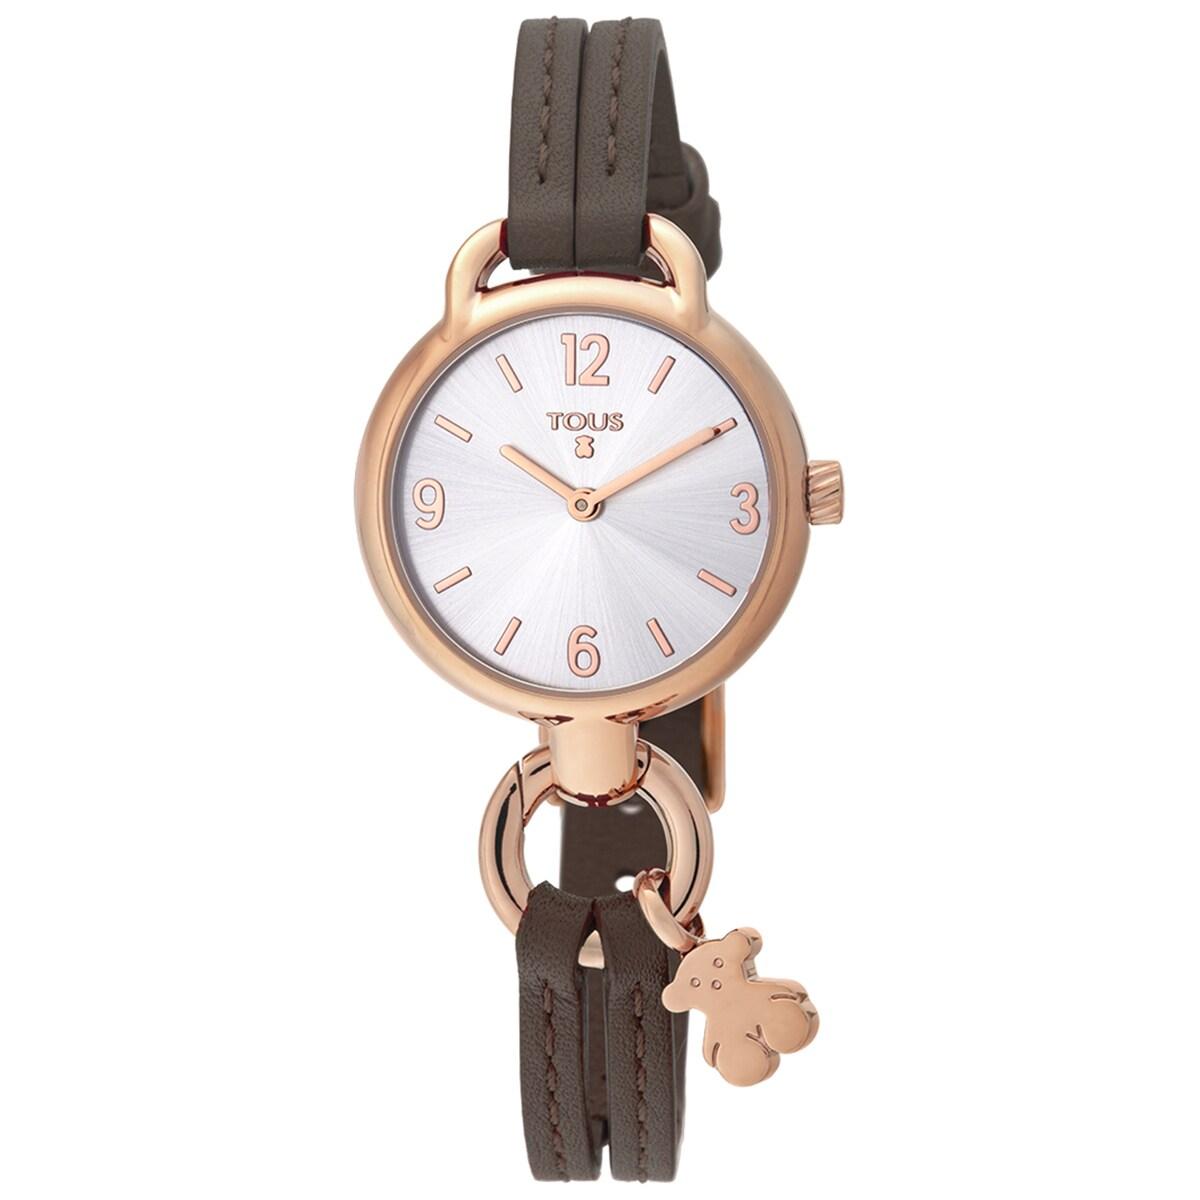 Ρολόι Hold από Ατσάλι με επιμετάλλωση σε ροζ χρώμα με καφέ Δερμάτινο λουράκι